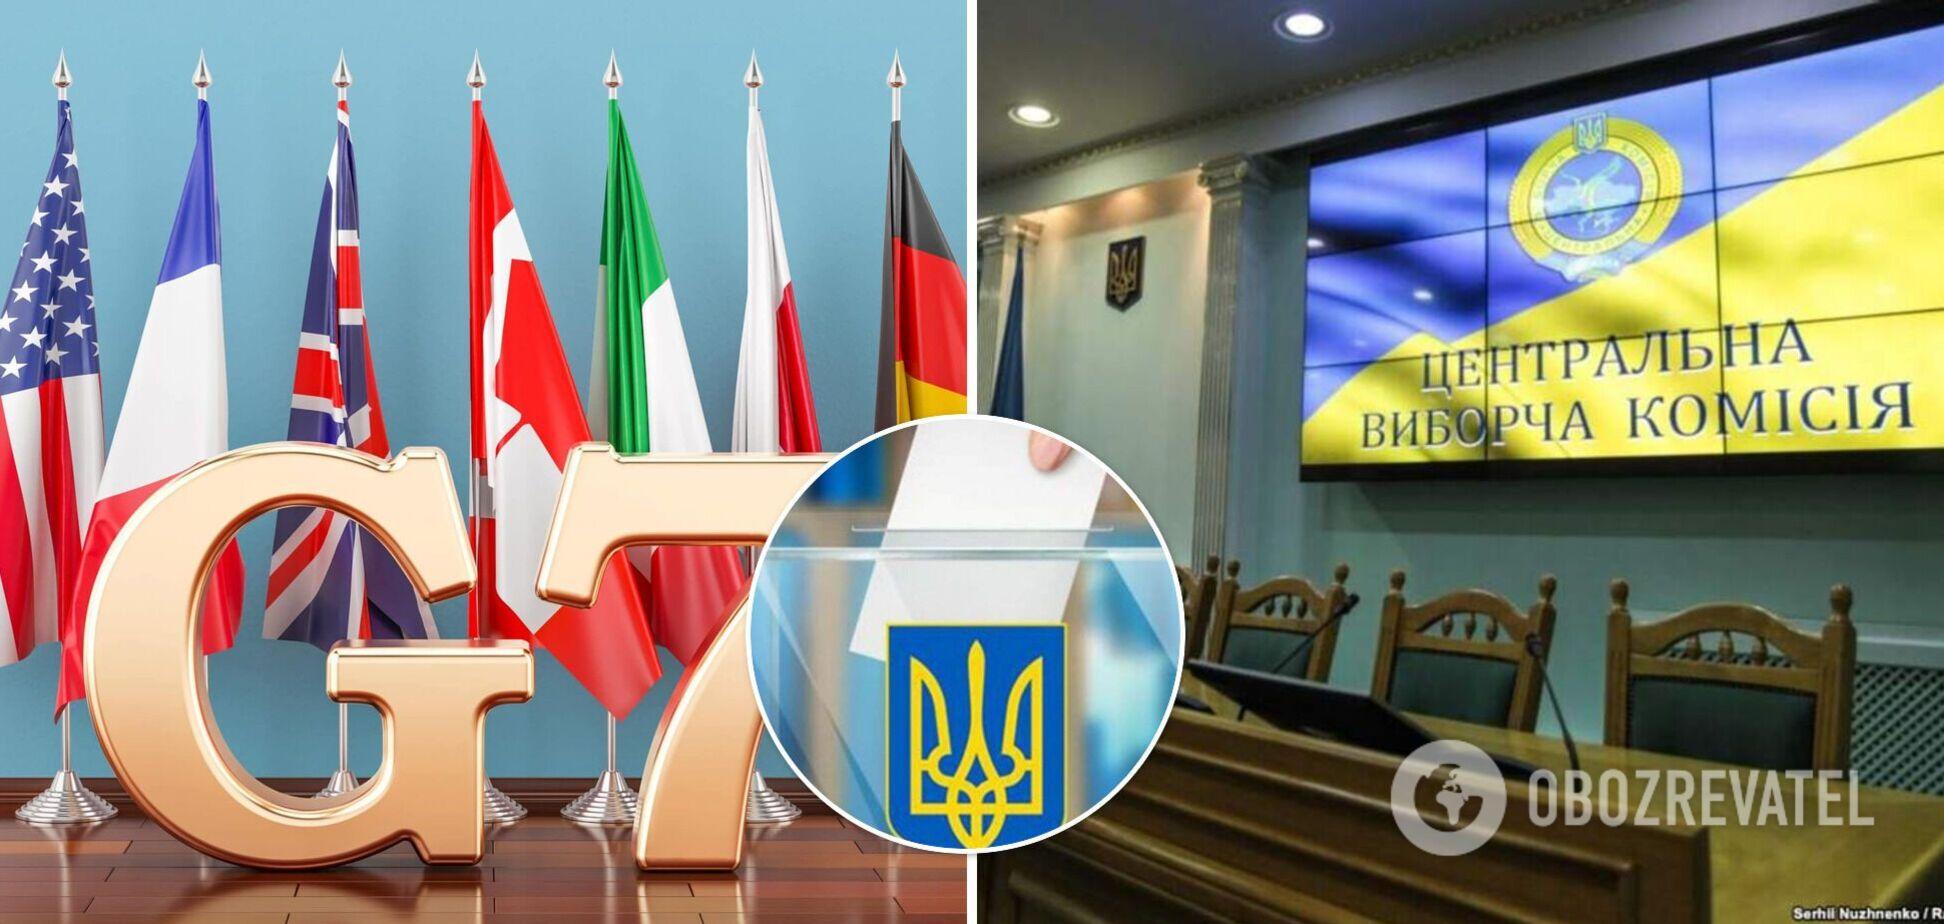 Посли G7 закликали прискорити проведення місцевих виборів у 18 громадах Донбасу